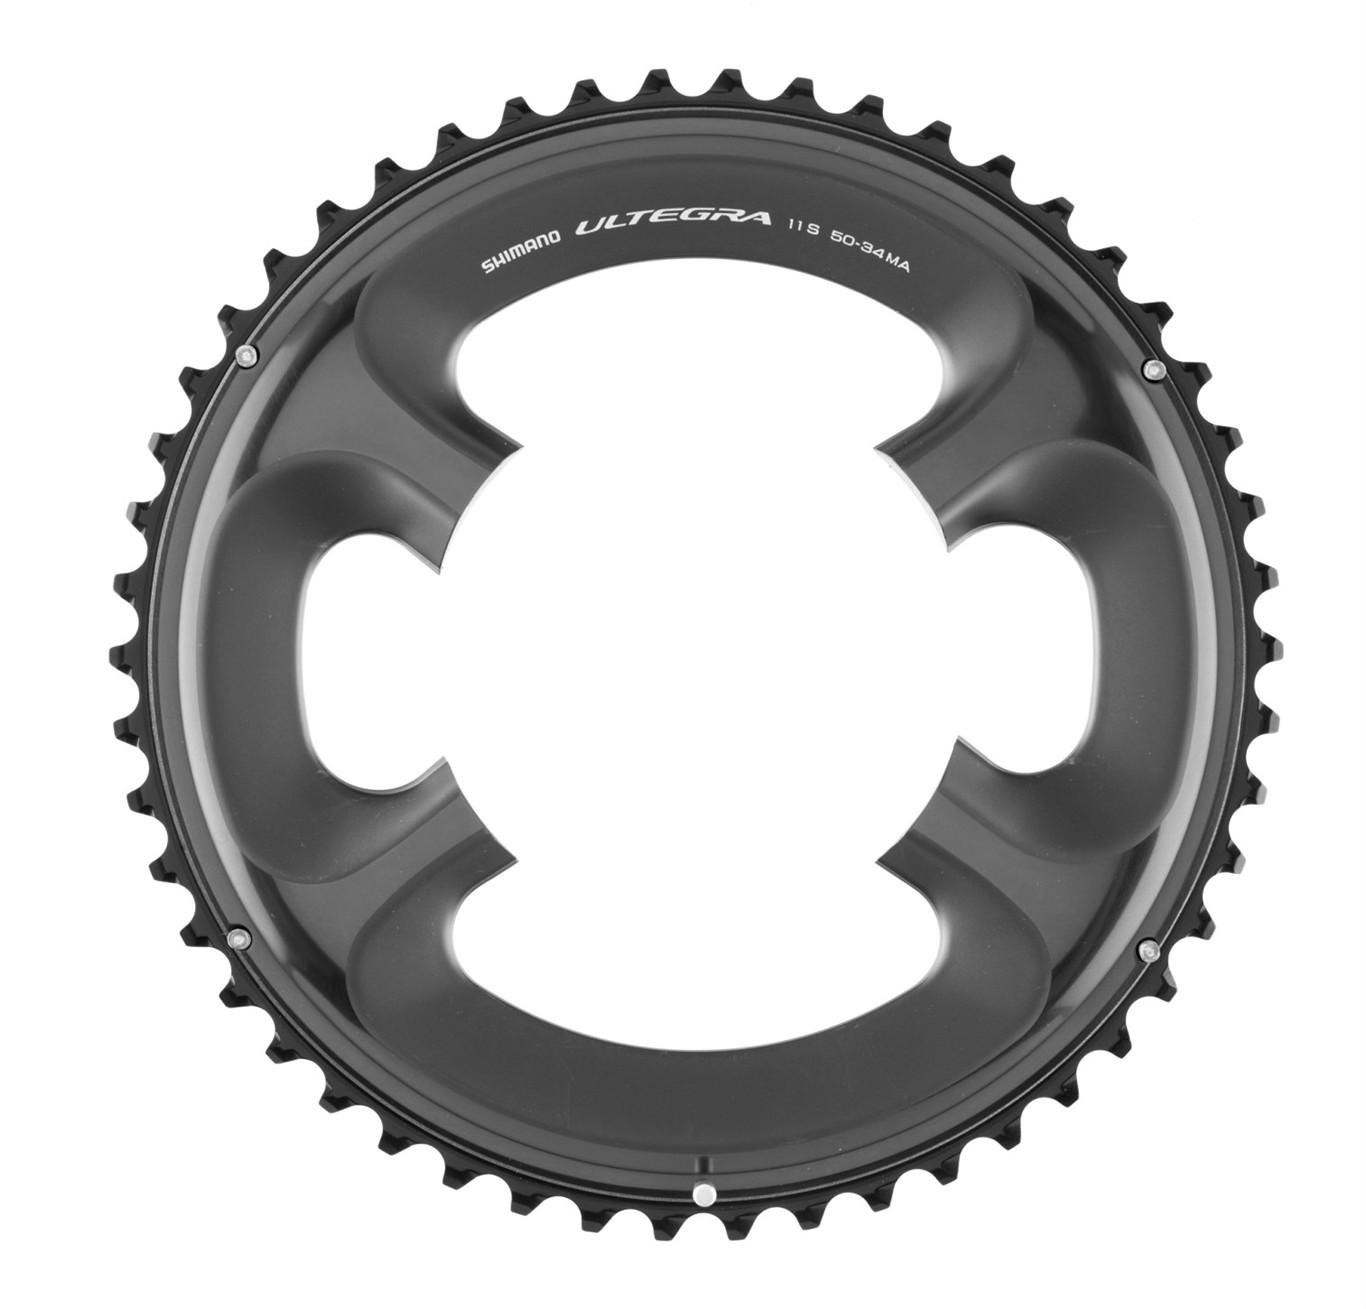 SHIMANO Tarcza mechanizmu korbowego Ultegra FC-6800 czarny / Ilość zębów: 50 Y1P498060